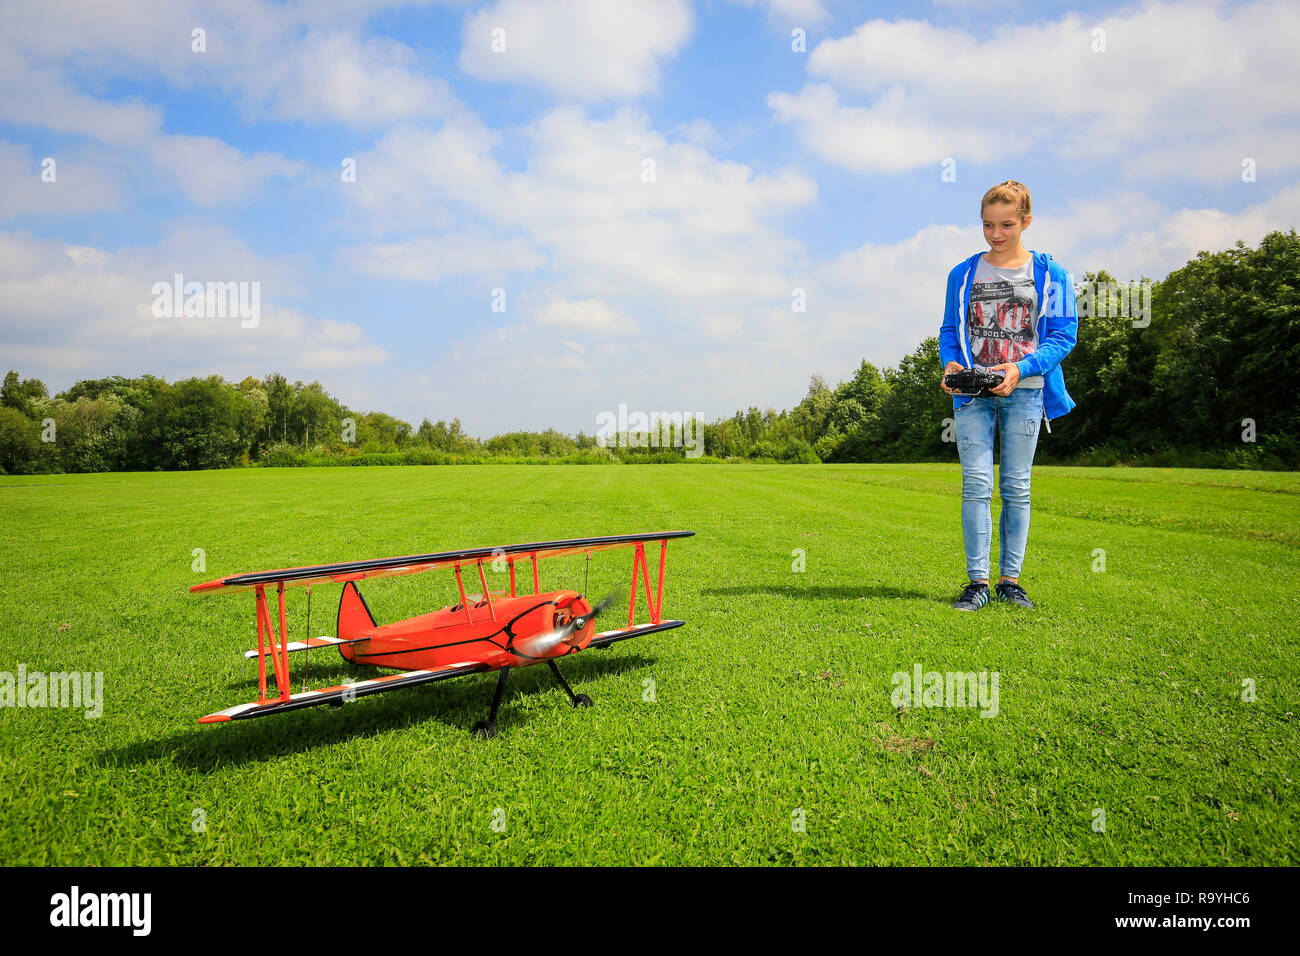 13.08.2016, Essen, Nordrhein-Westfalen, Ruhrgebiet, Deutschland - Der Hallopark im Essener Norden ist eine der aeltesten Gruenanlagen Essens, Flugmode - Stock Image